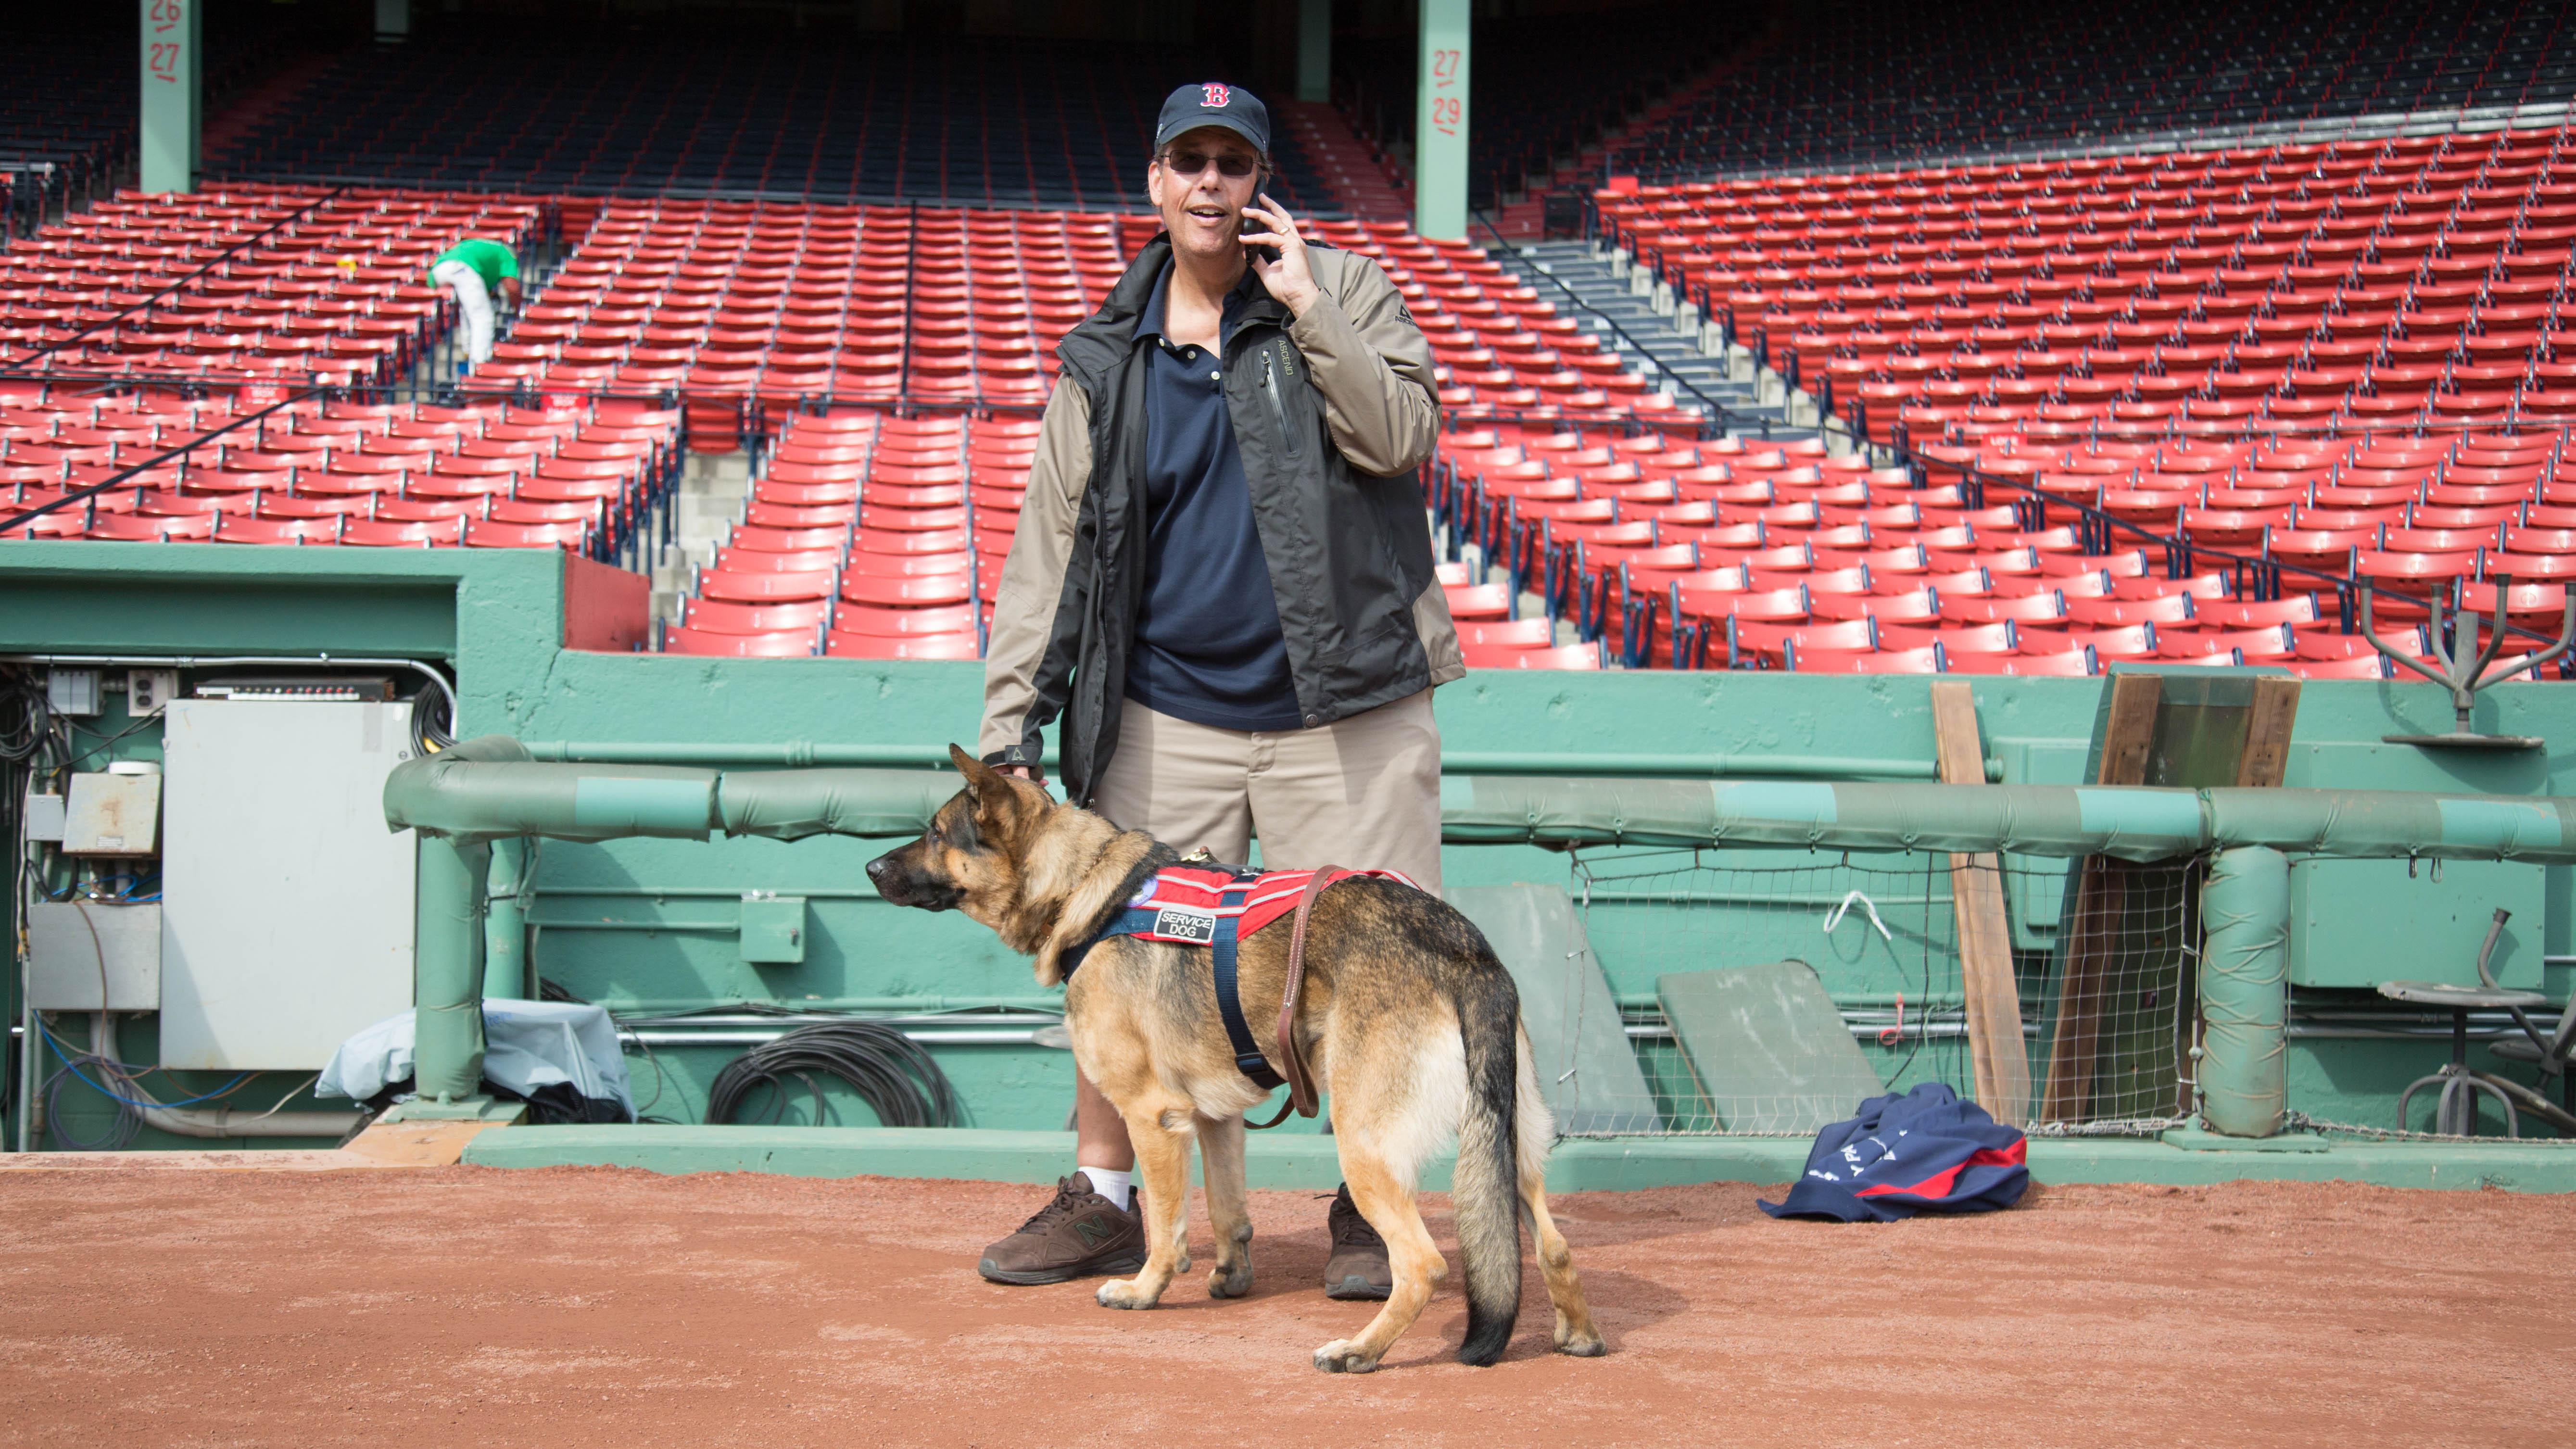 Mellor's service dog, Drago, is a constant companion.